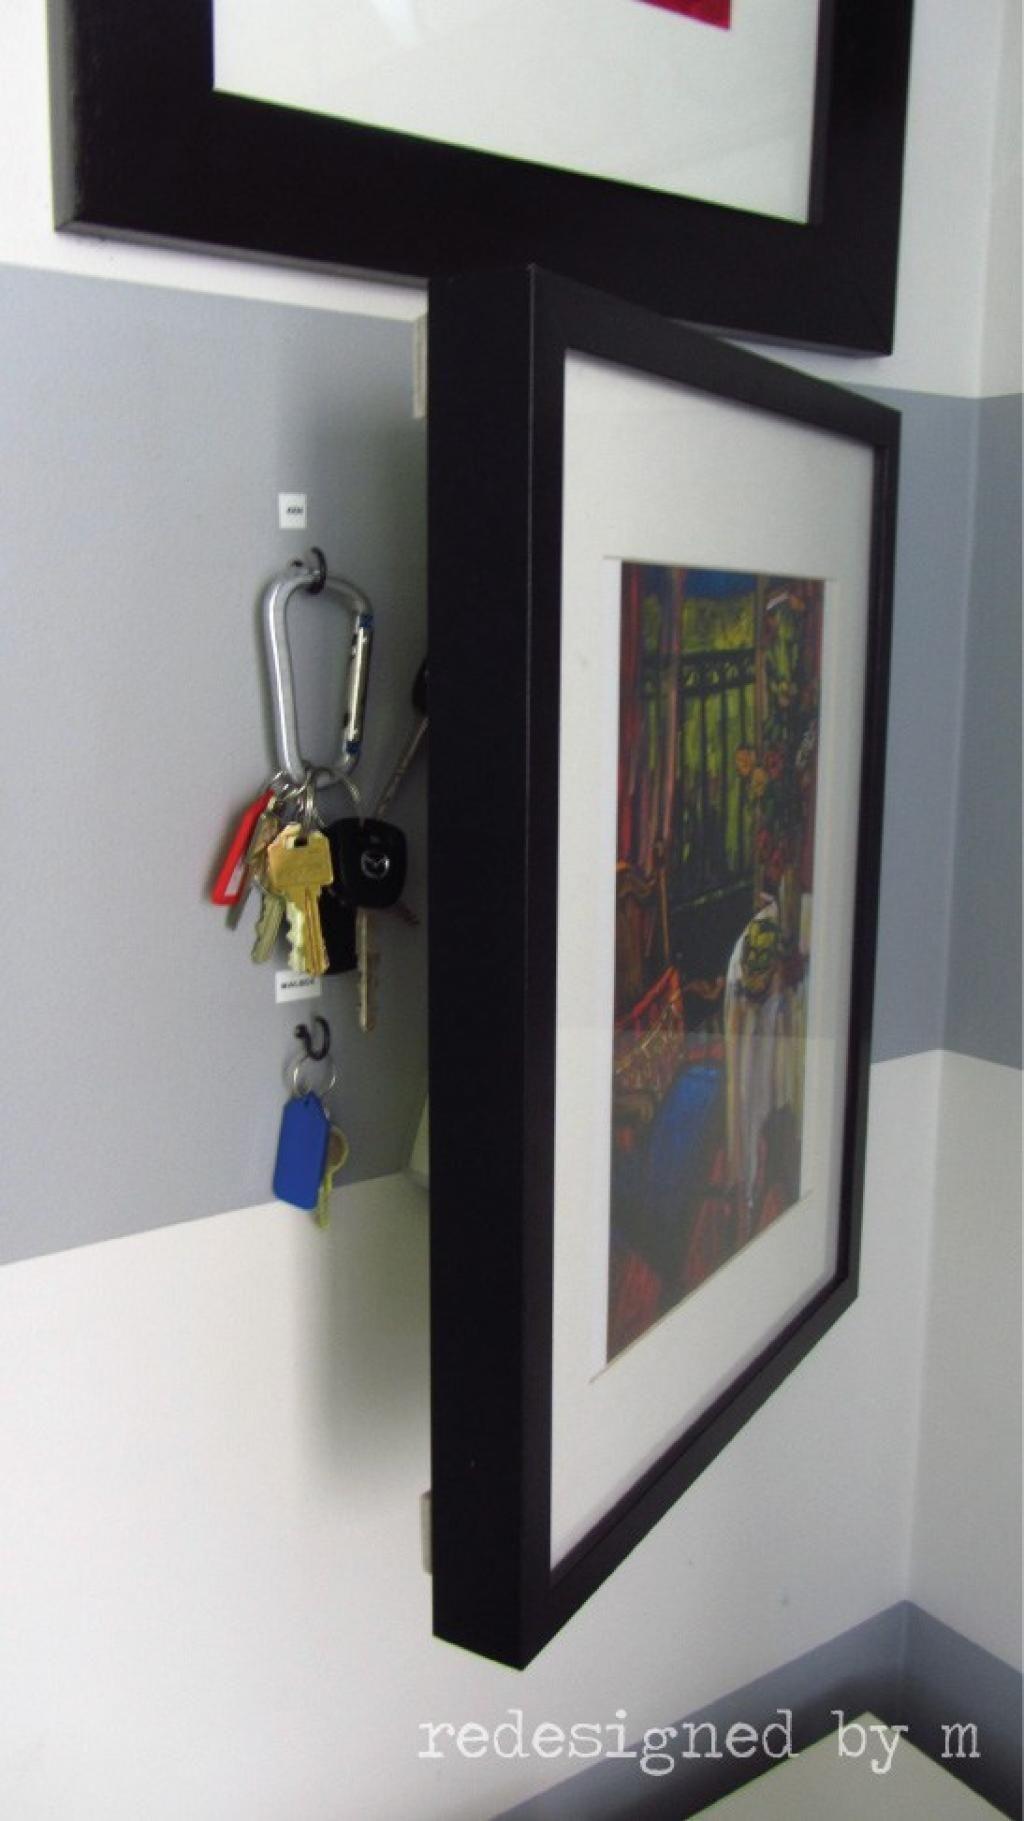 17 Super Astuces pour camoufler tous ces petits détails qui gâchent un décor dans une maison! #décorationmaison